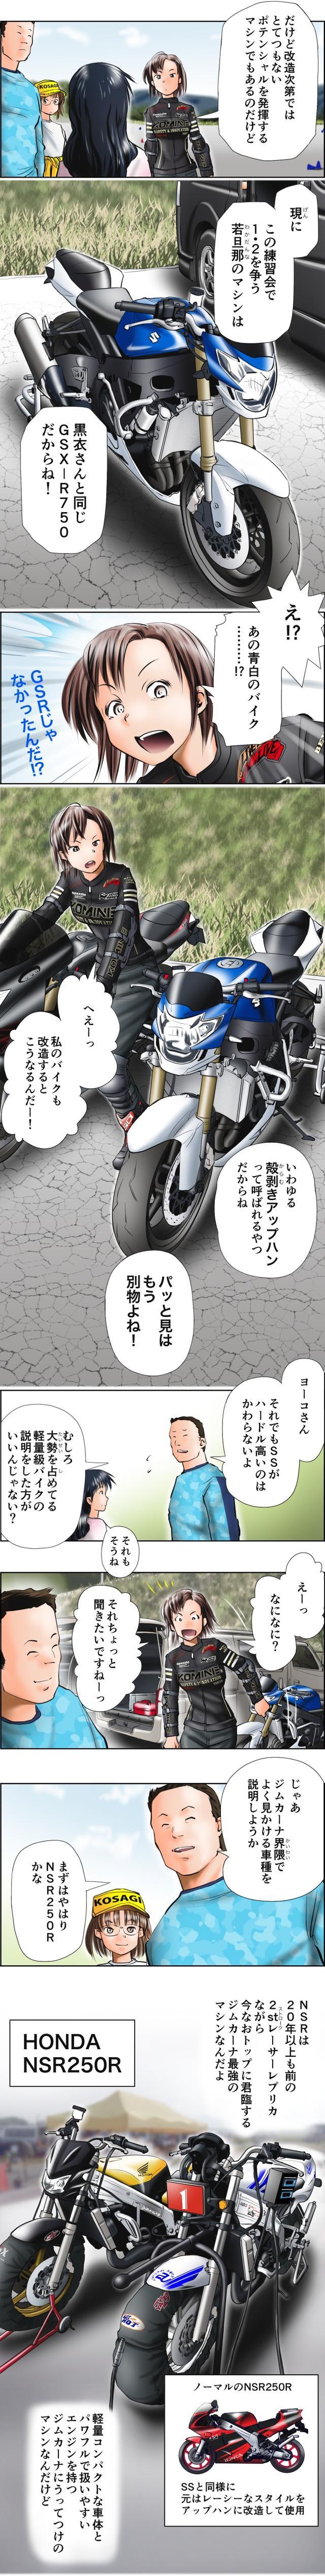 画像4: Motoジム!(第4話:バイクは人しだい)  作・ばどみゅーみん